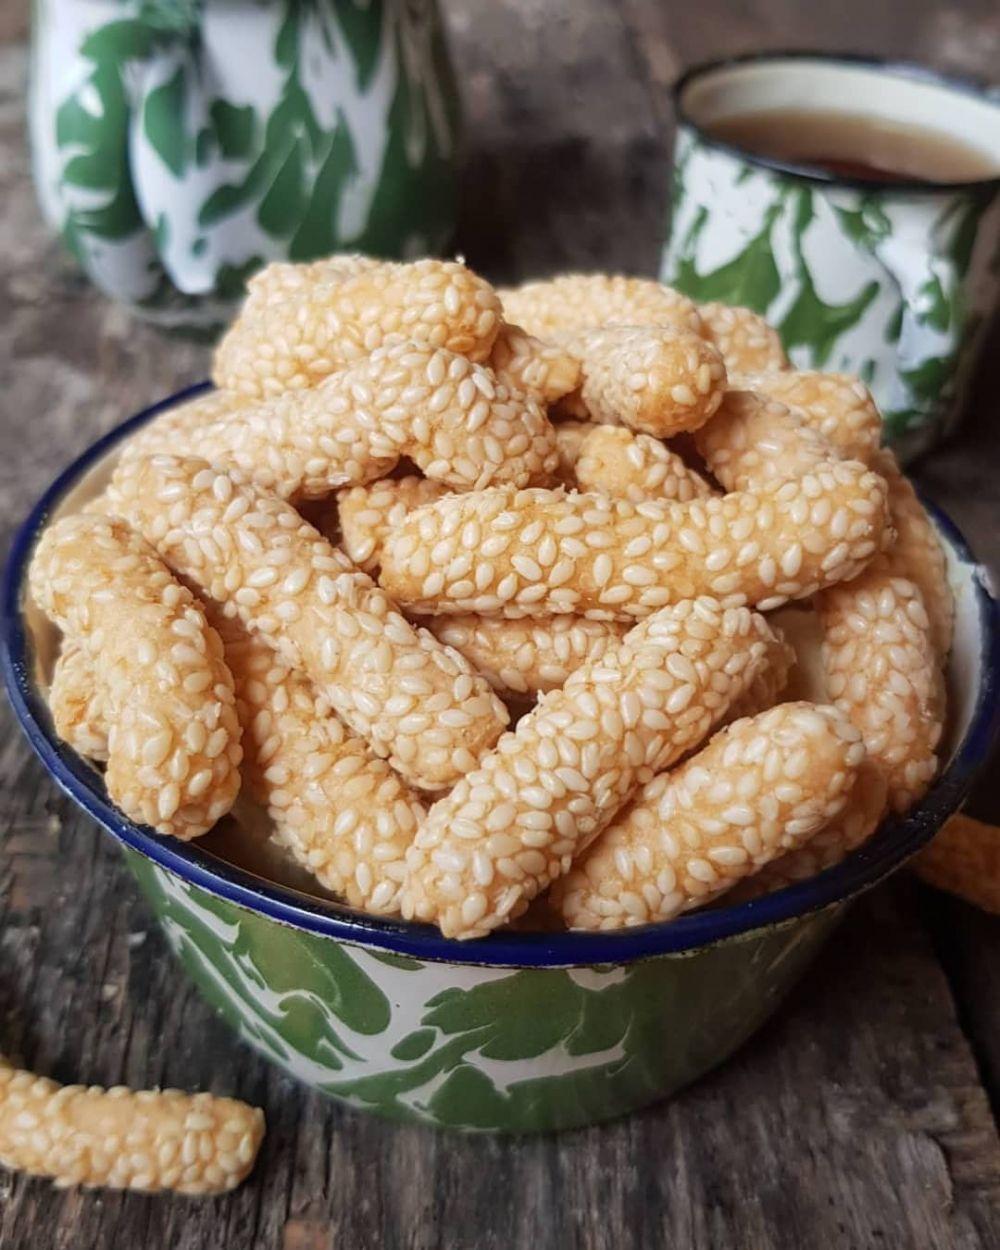 Resep Camilan Lebaran Berbagai Sumber Makanan Ringan Sehat Camilan Resep